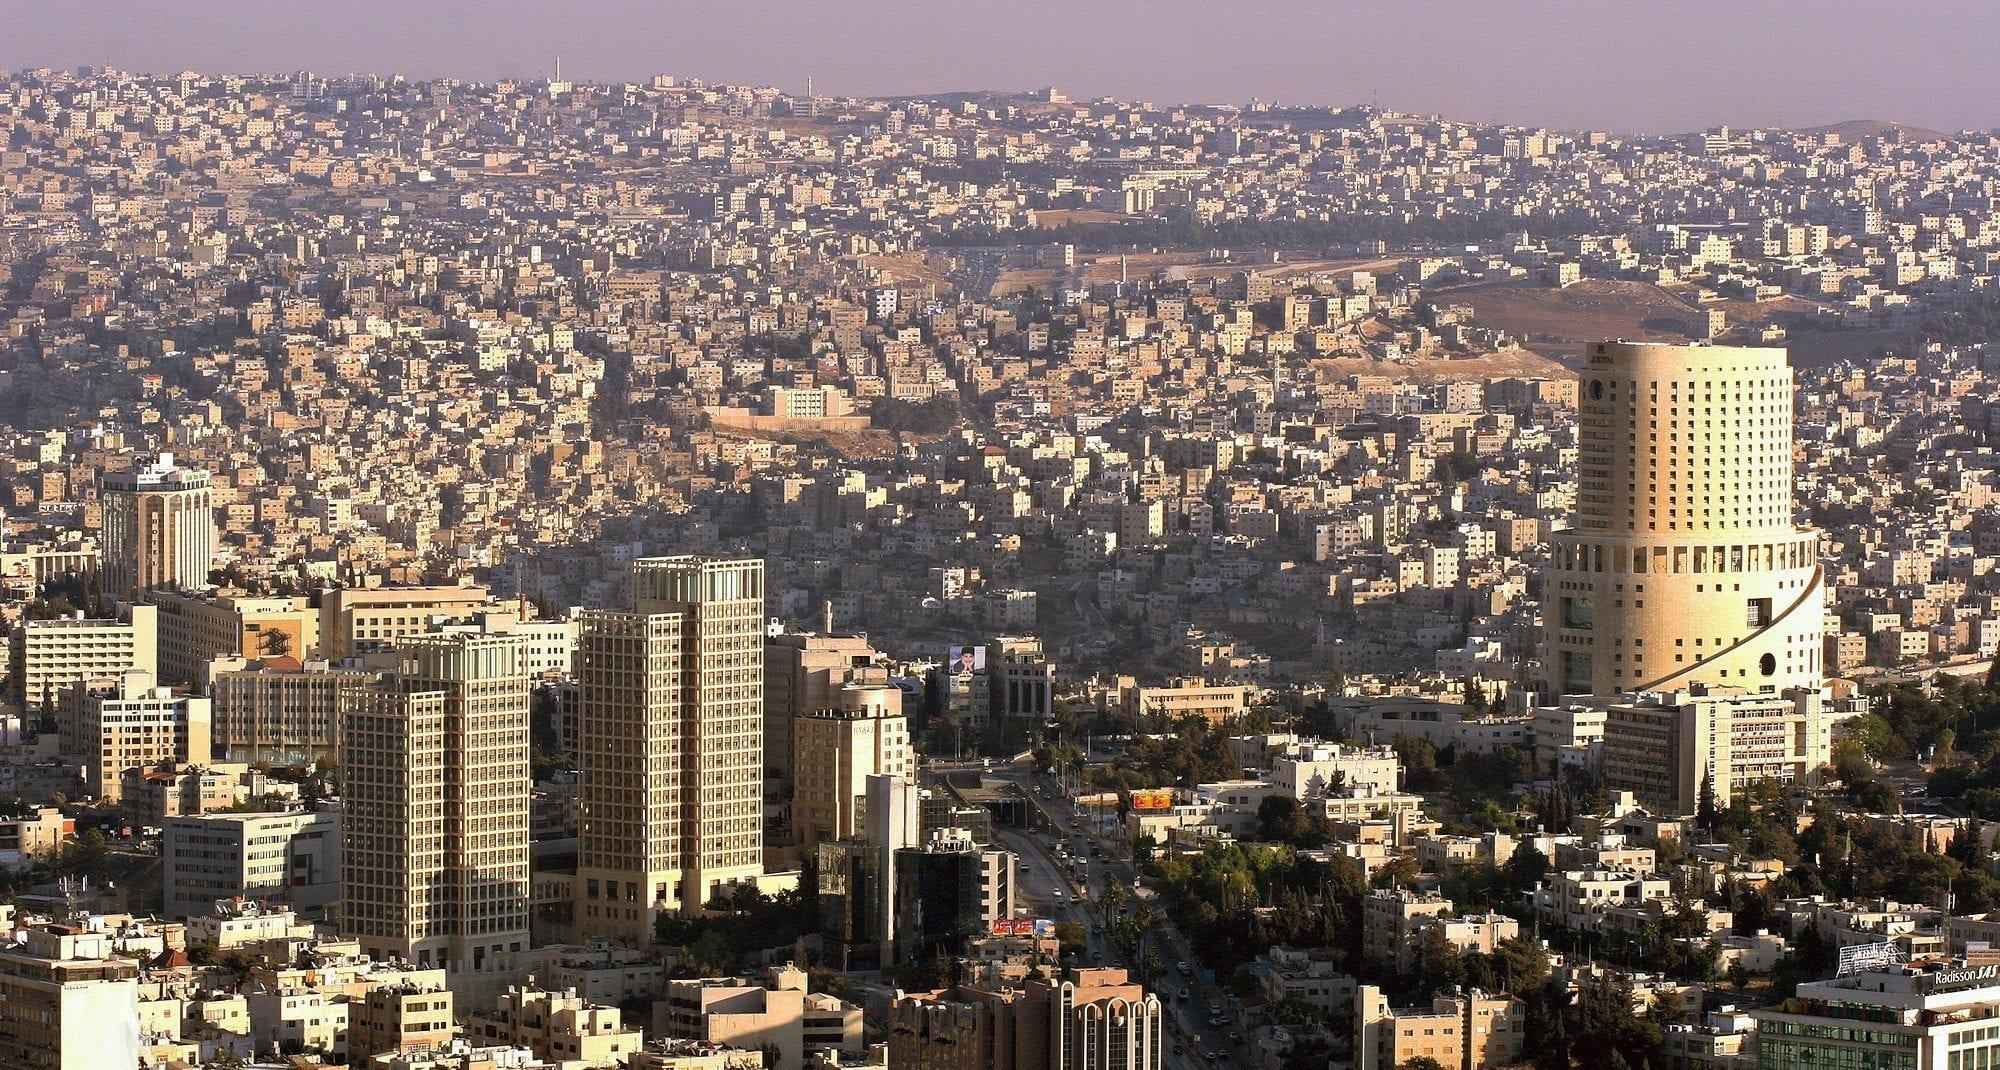 أسماء مناطق عمان اقرأ السوق المفتوح